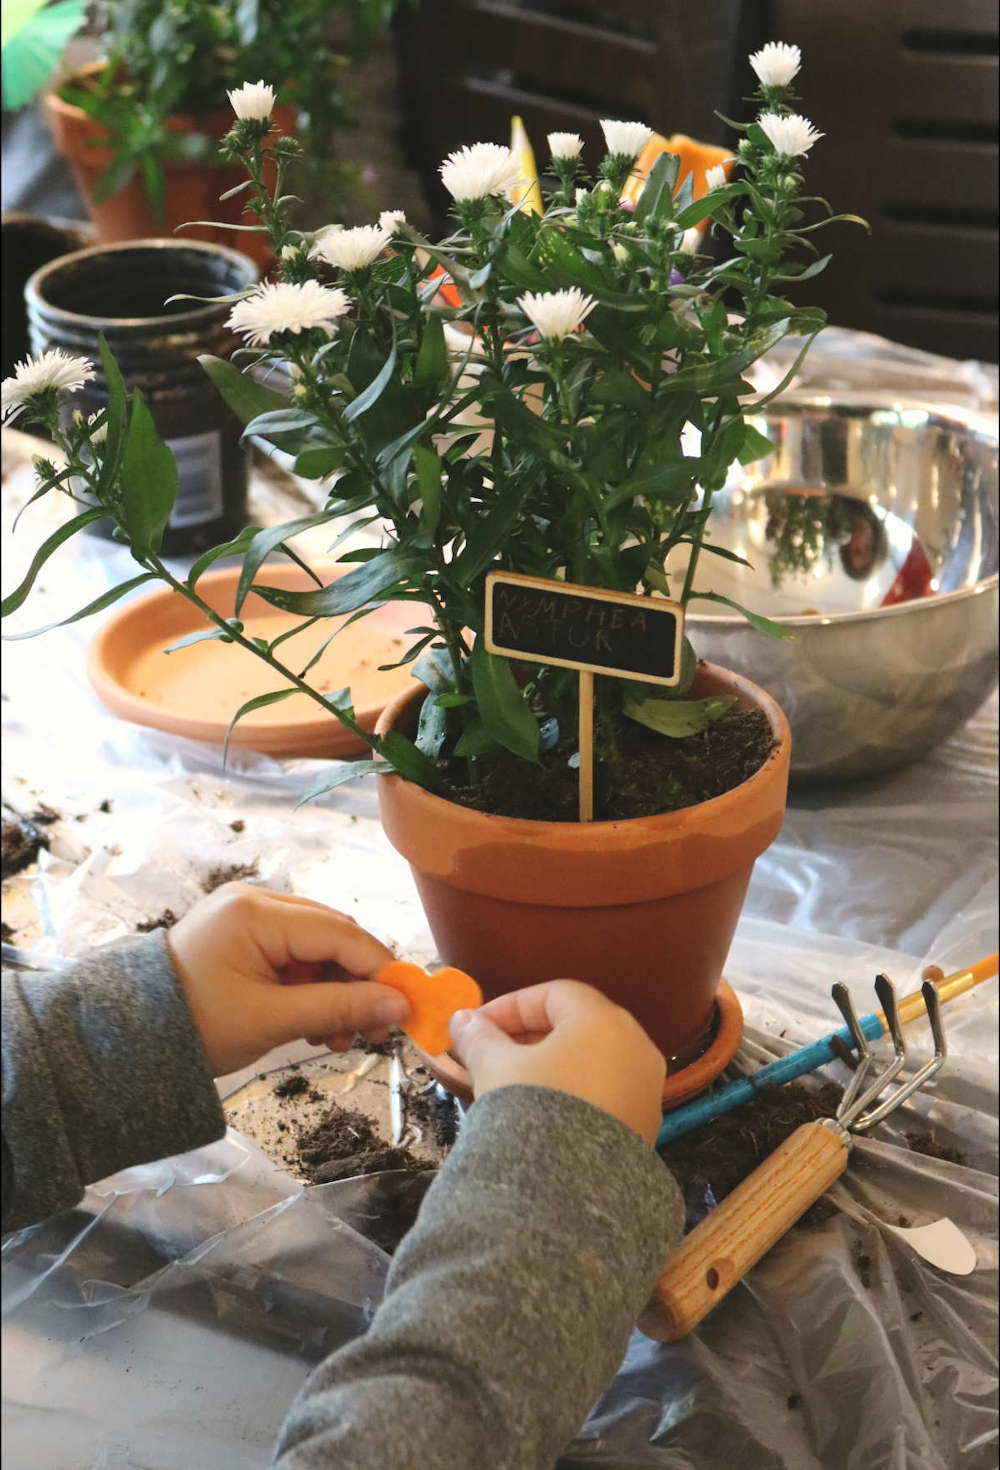 enfant entrain de décorer un pot en terre cuite, atelier jardinage